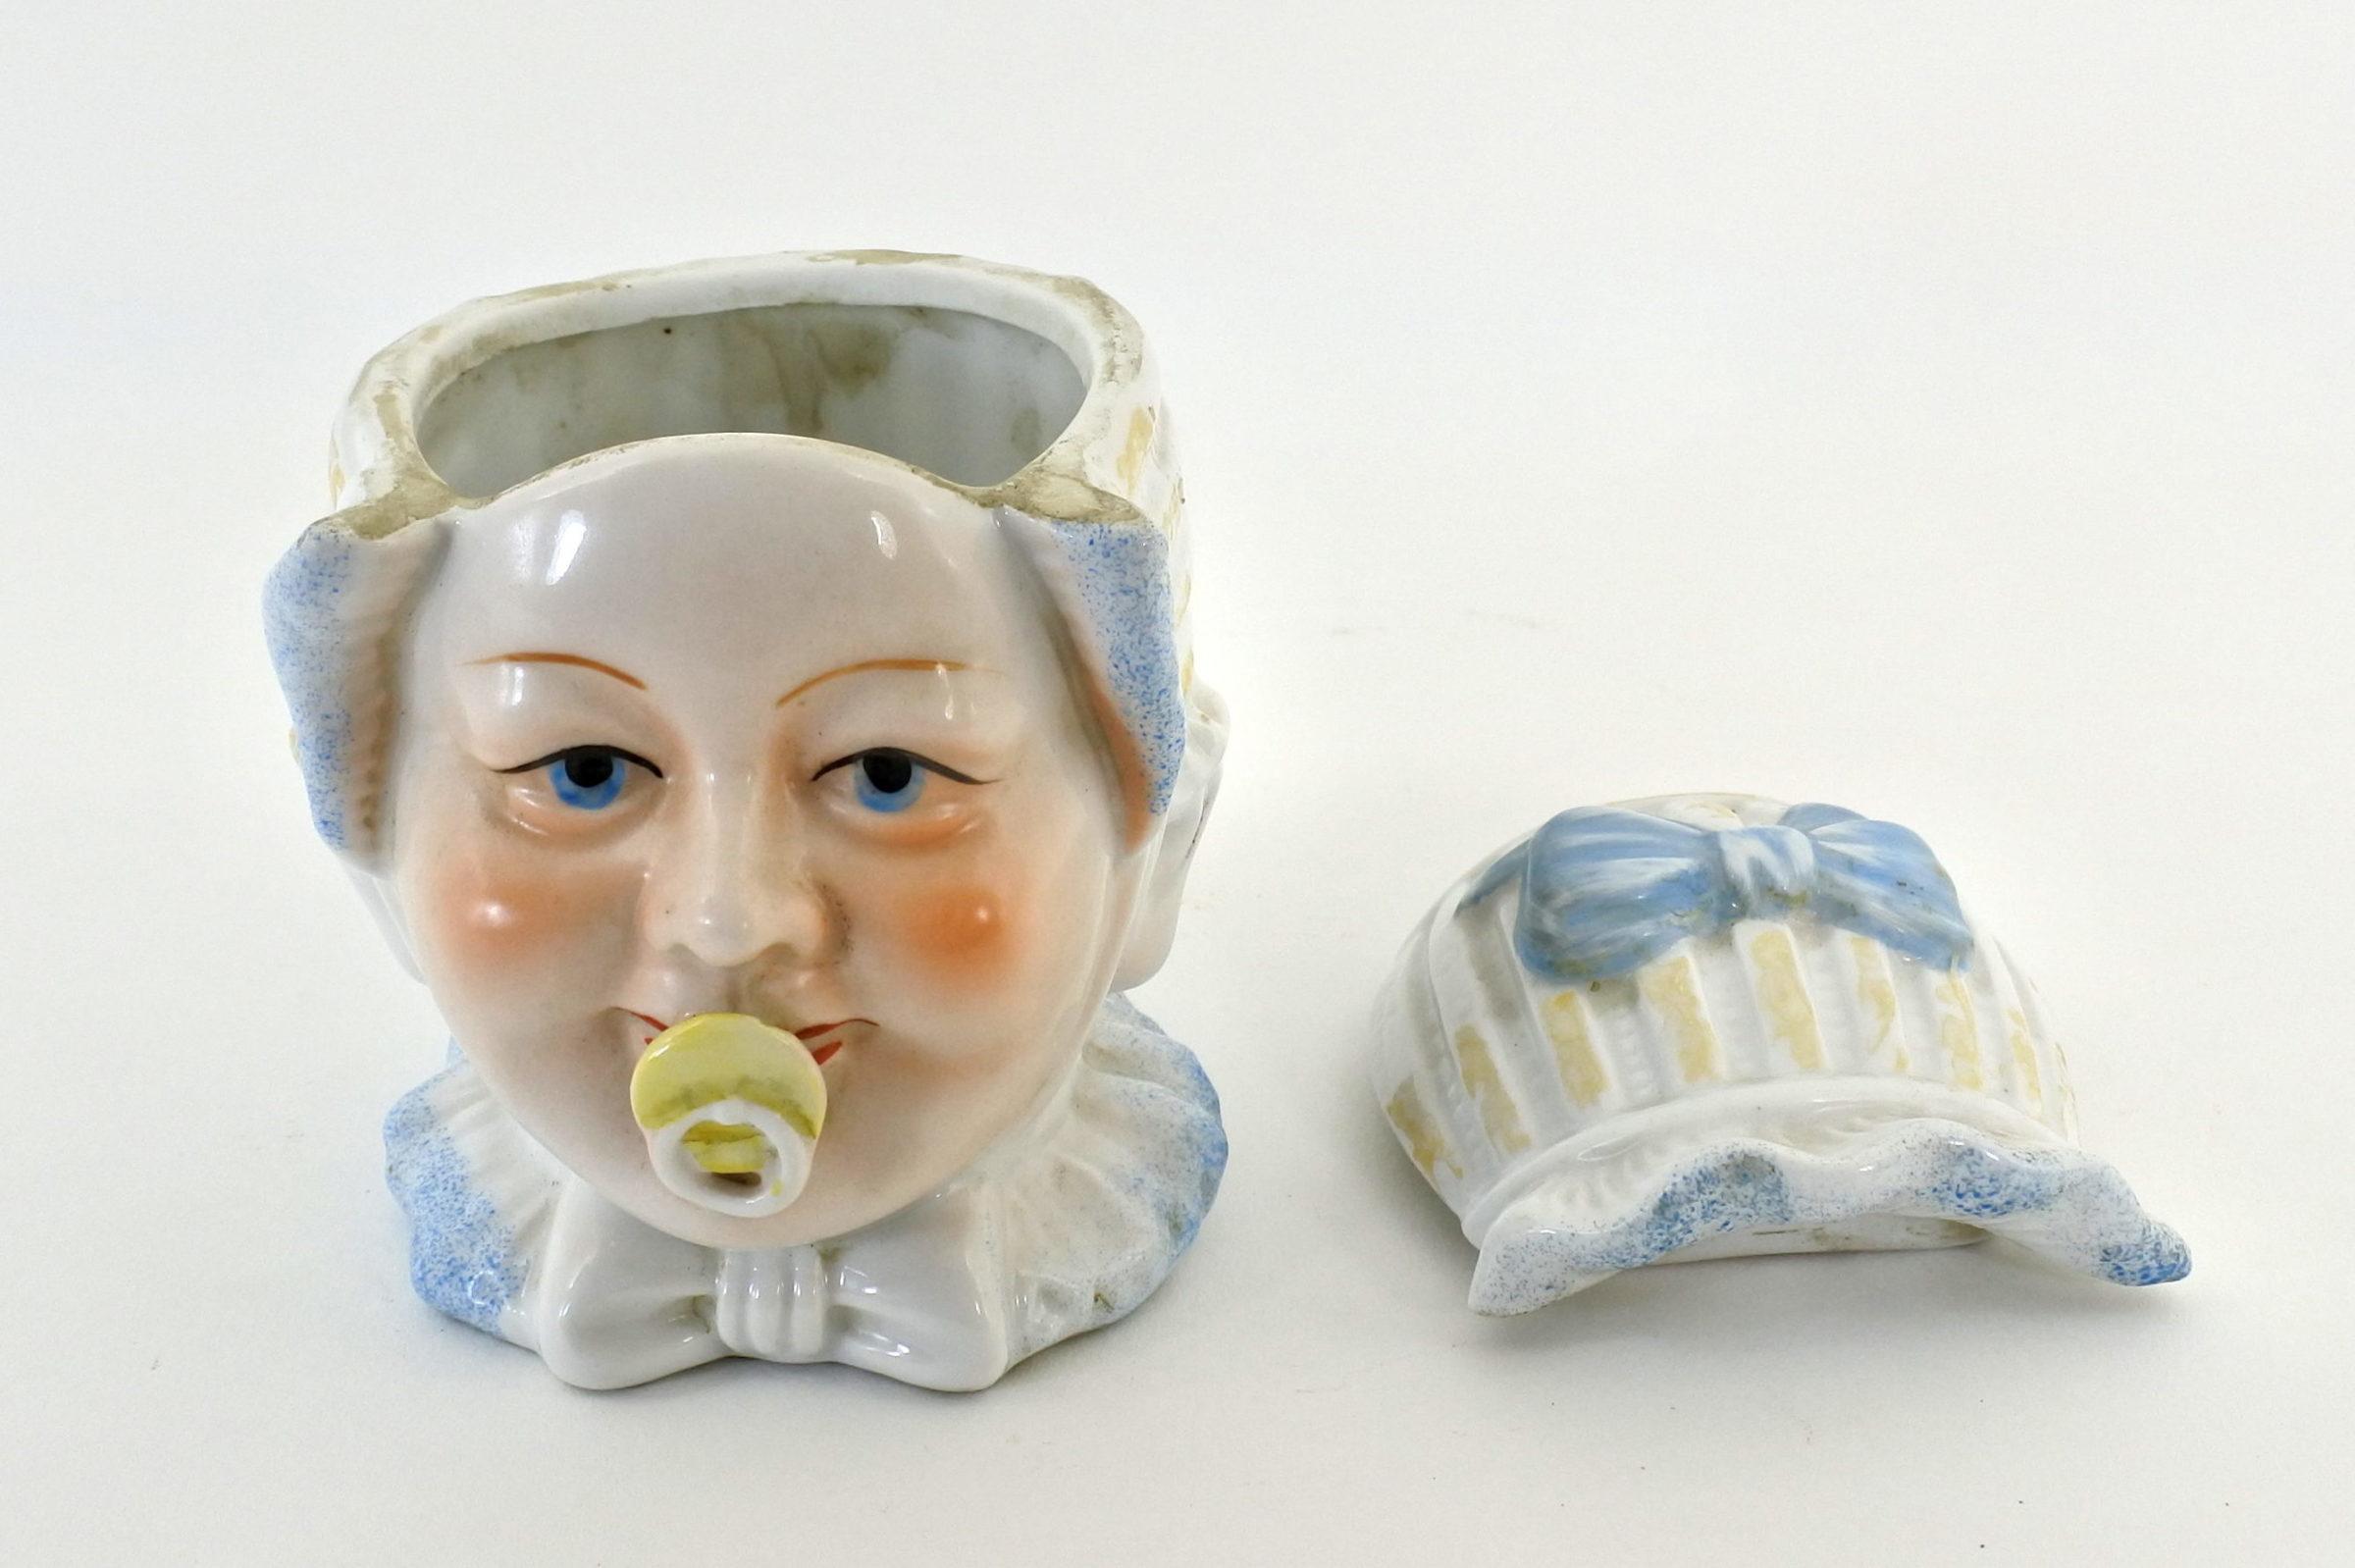 Portatabacco in ceramica rappresentante neonato con ciuccio - 5